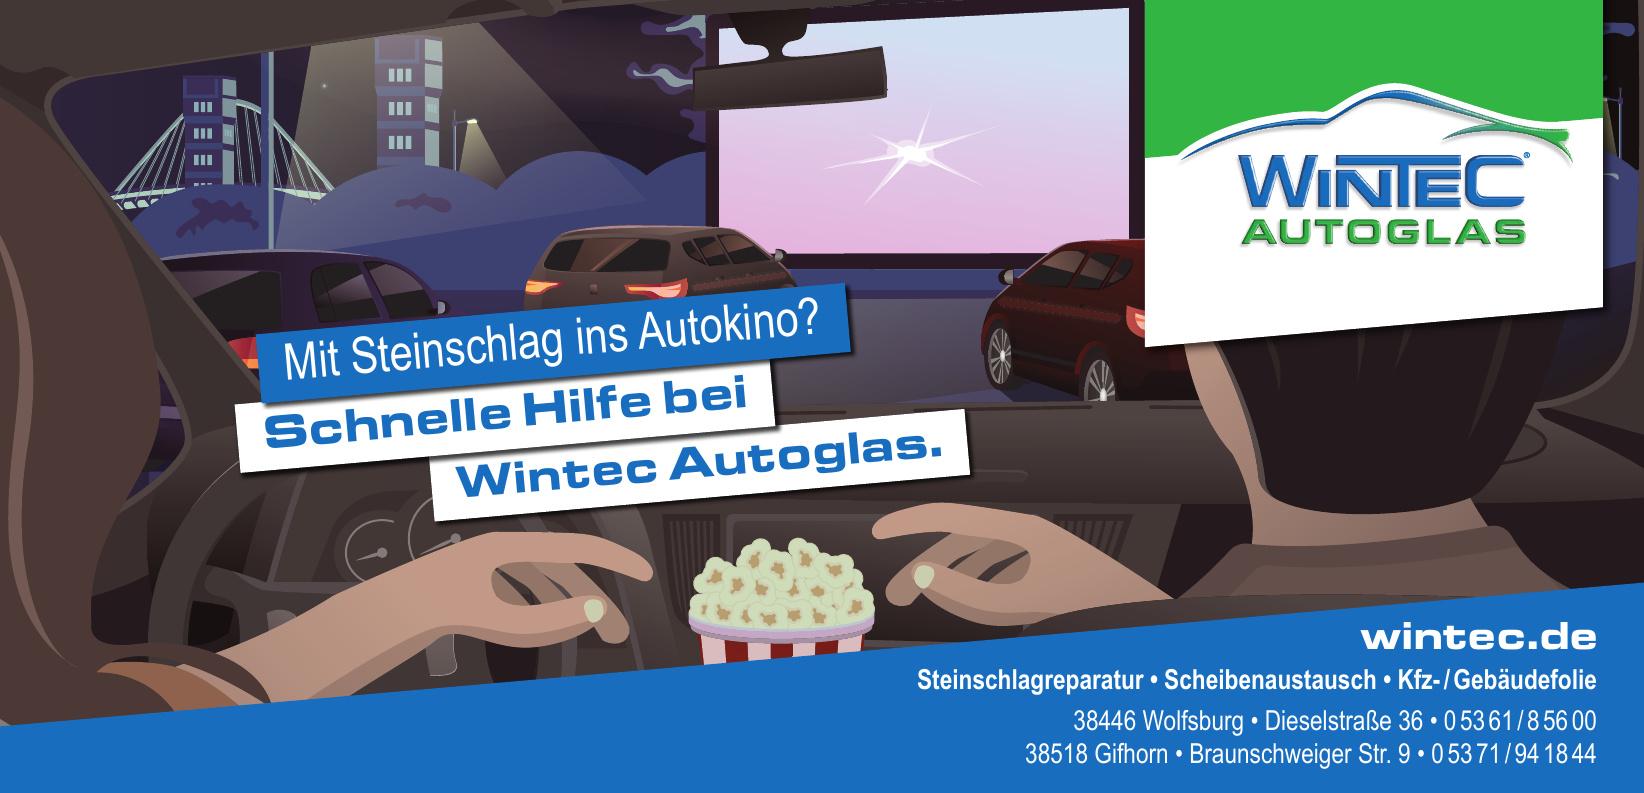 Wintec Autoglas Schmidt